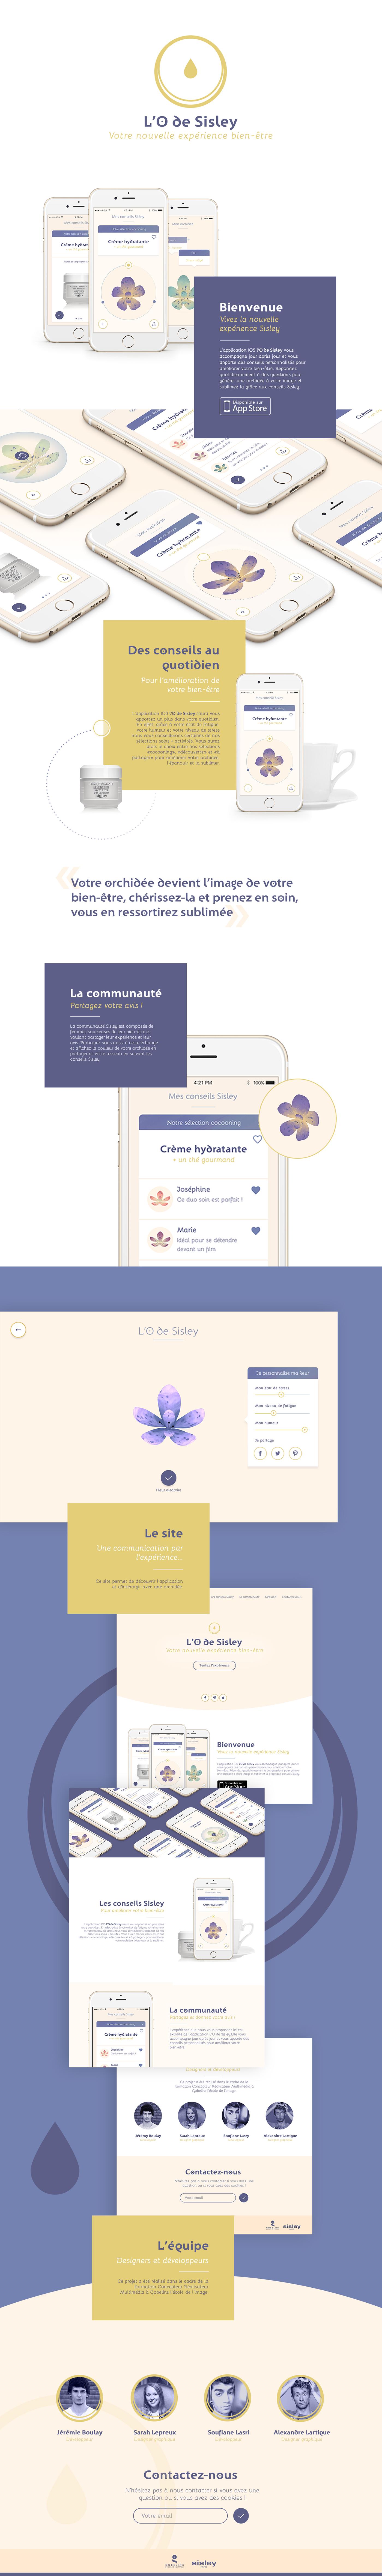 application fleur Experience mobile Web interactif Evolutif soin esthétique beauté cosmetique pastel